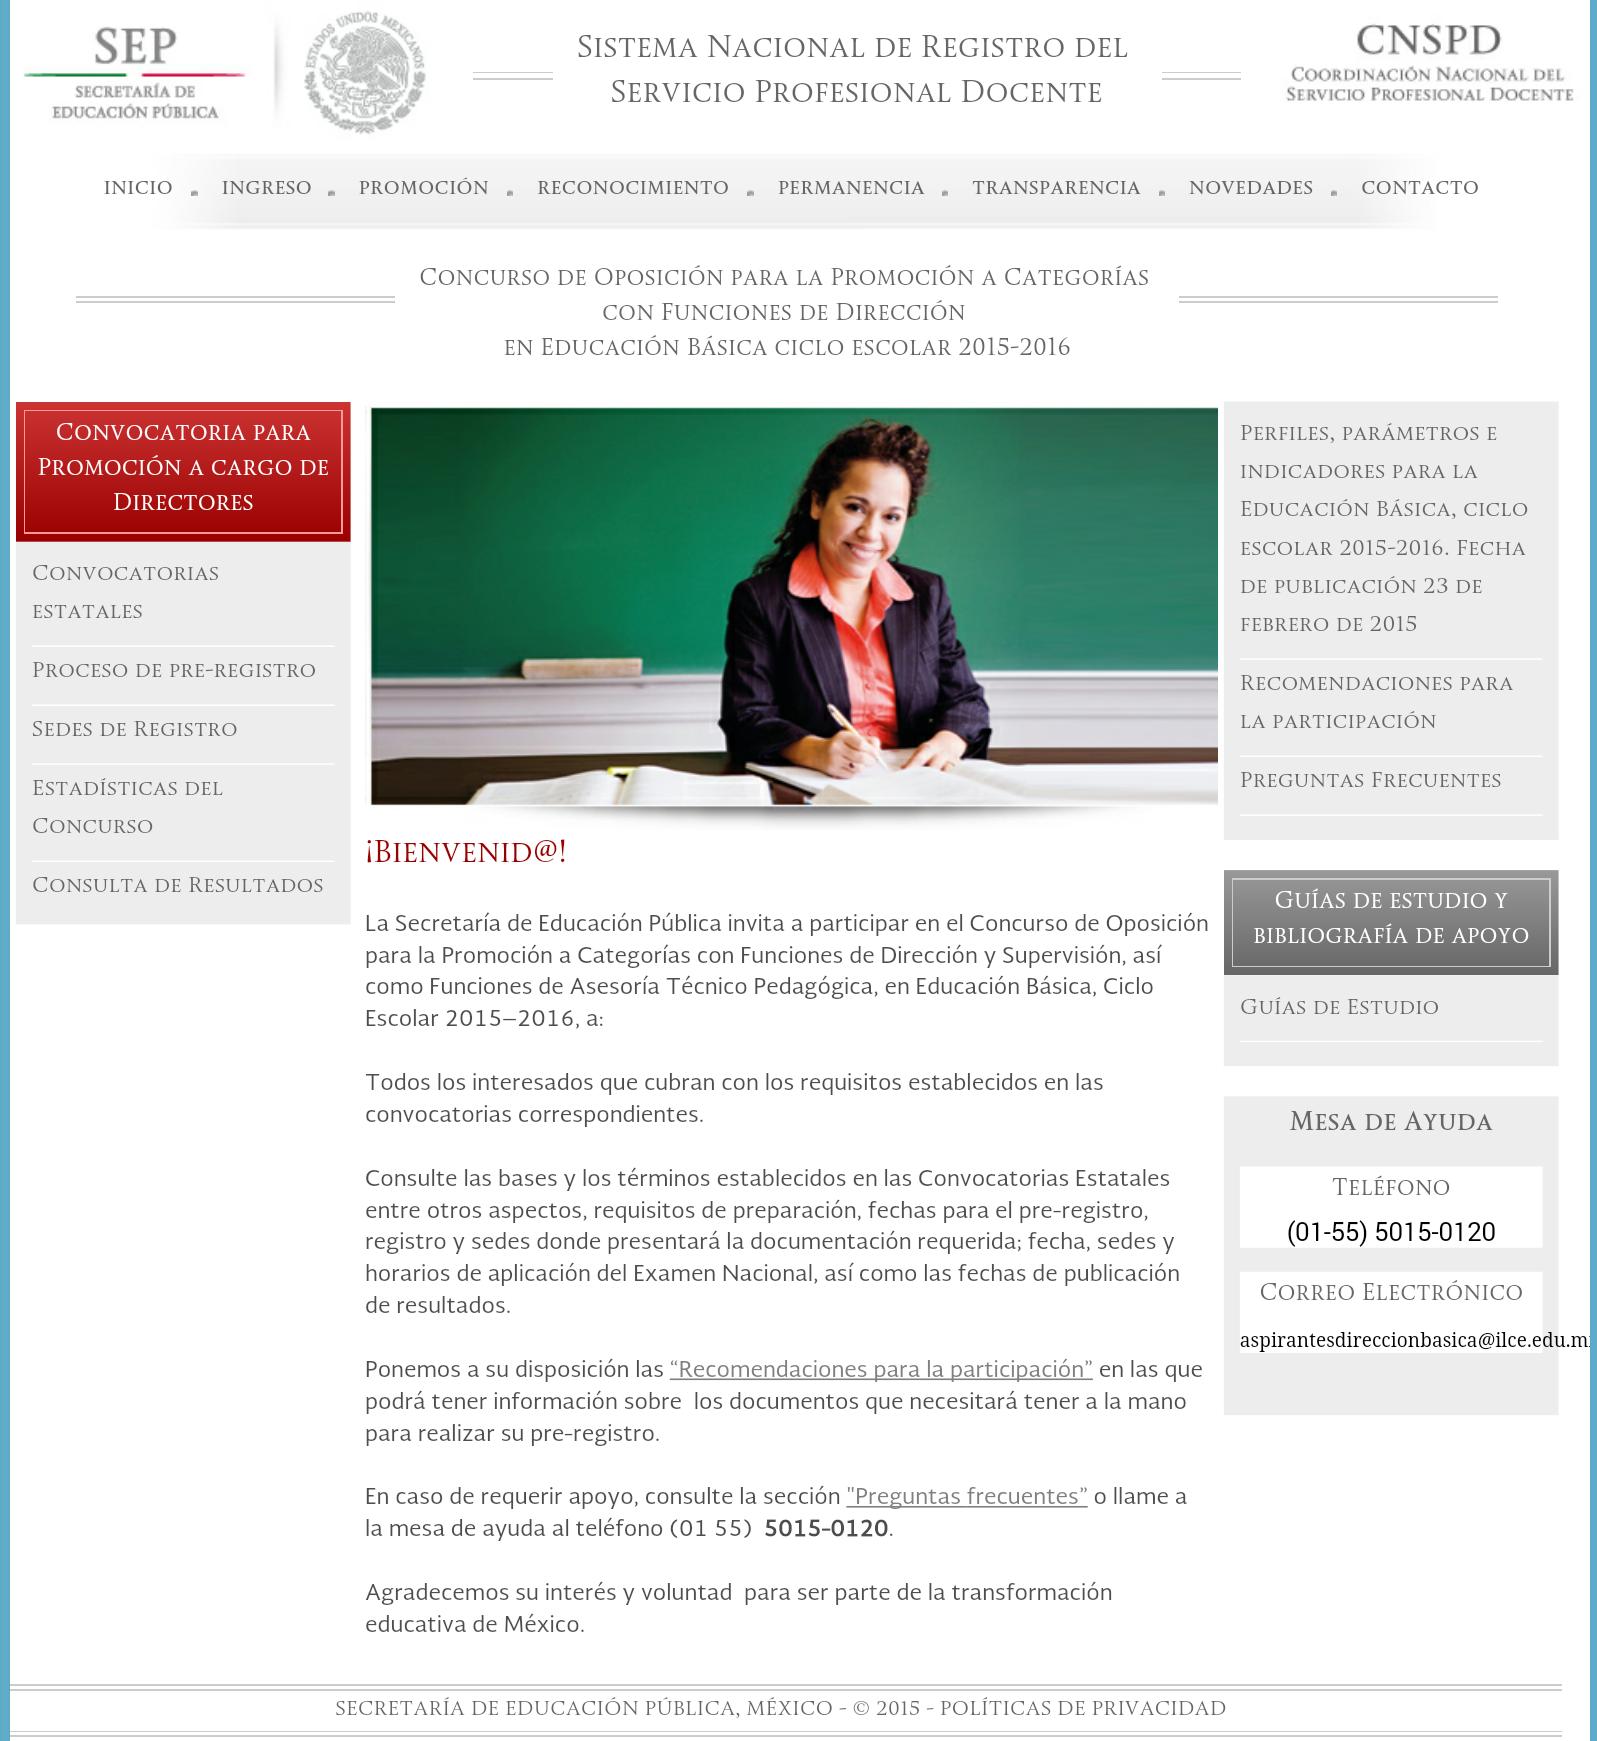 Convocatoria para el concurso de oposici n para la for Convocatoria concurso docente 2016